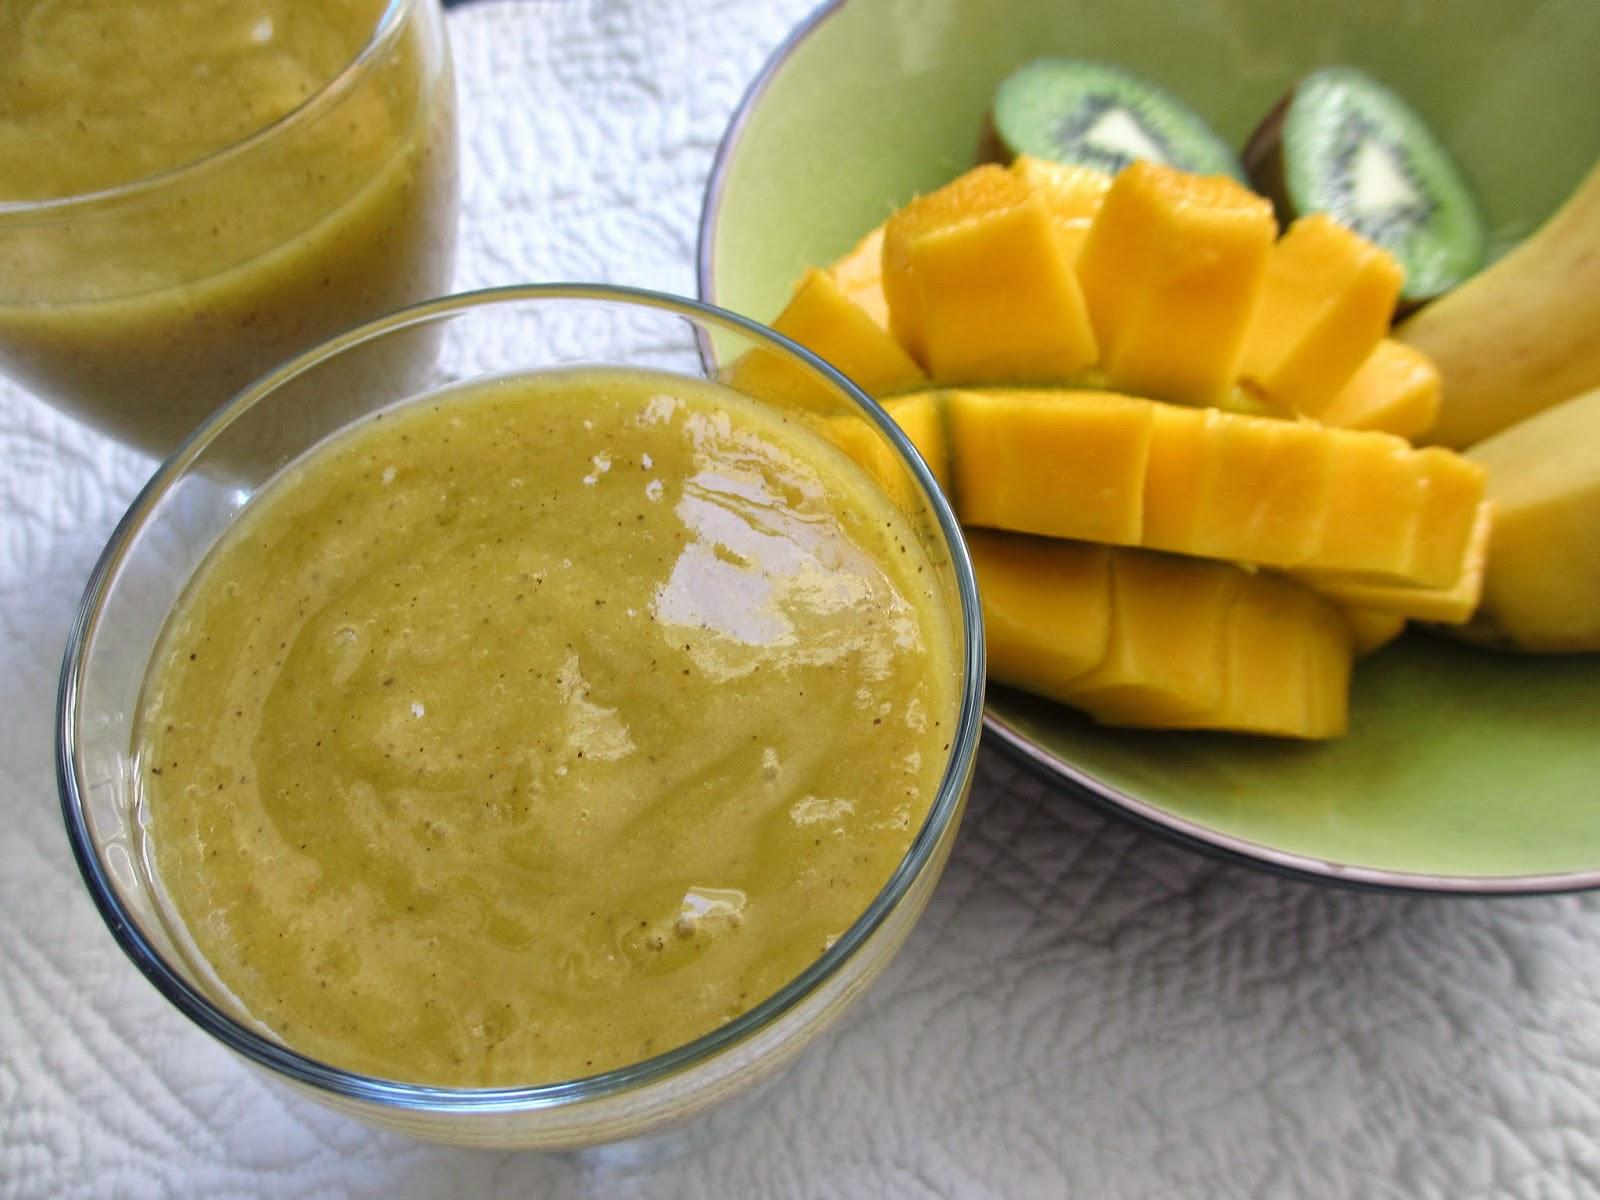 Cooking Julia Smoothie Mangue Banane Kiwi